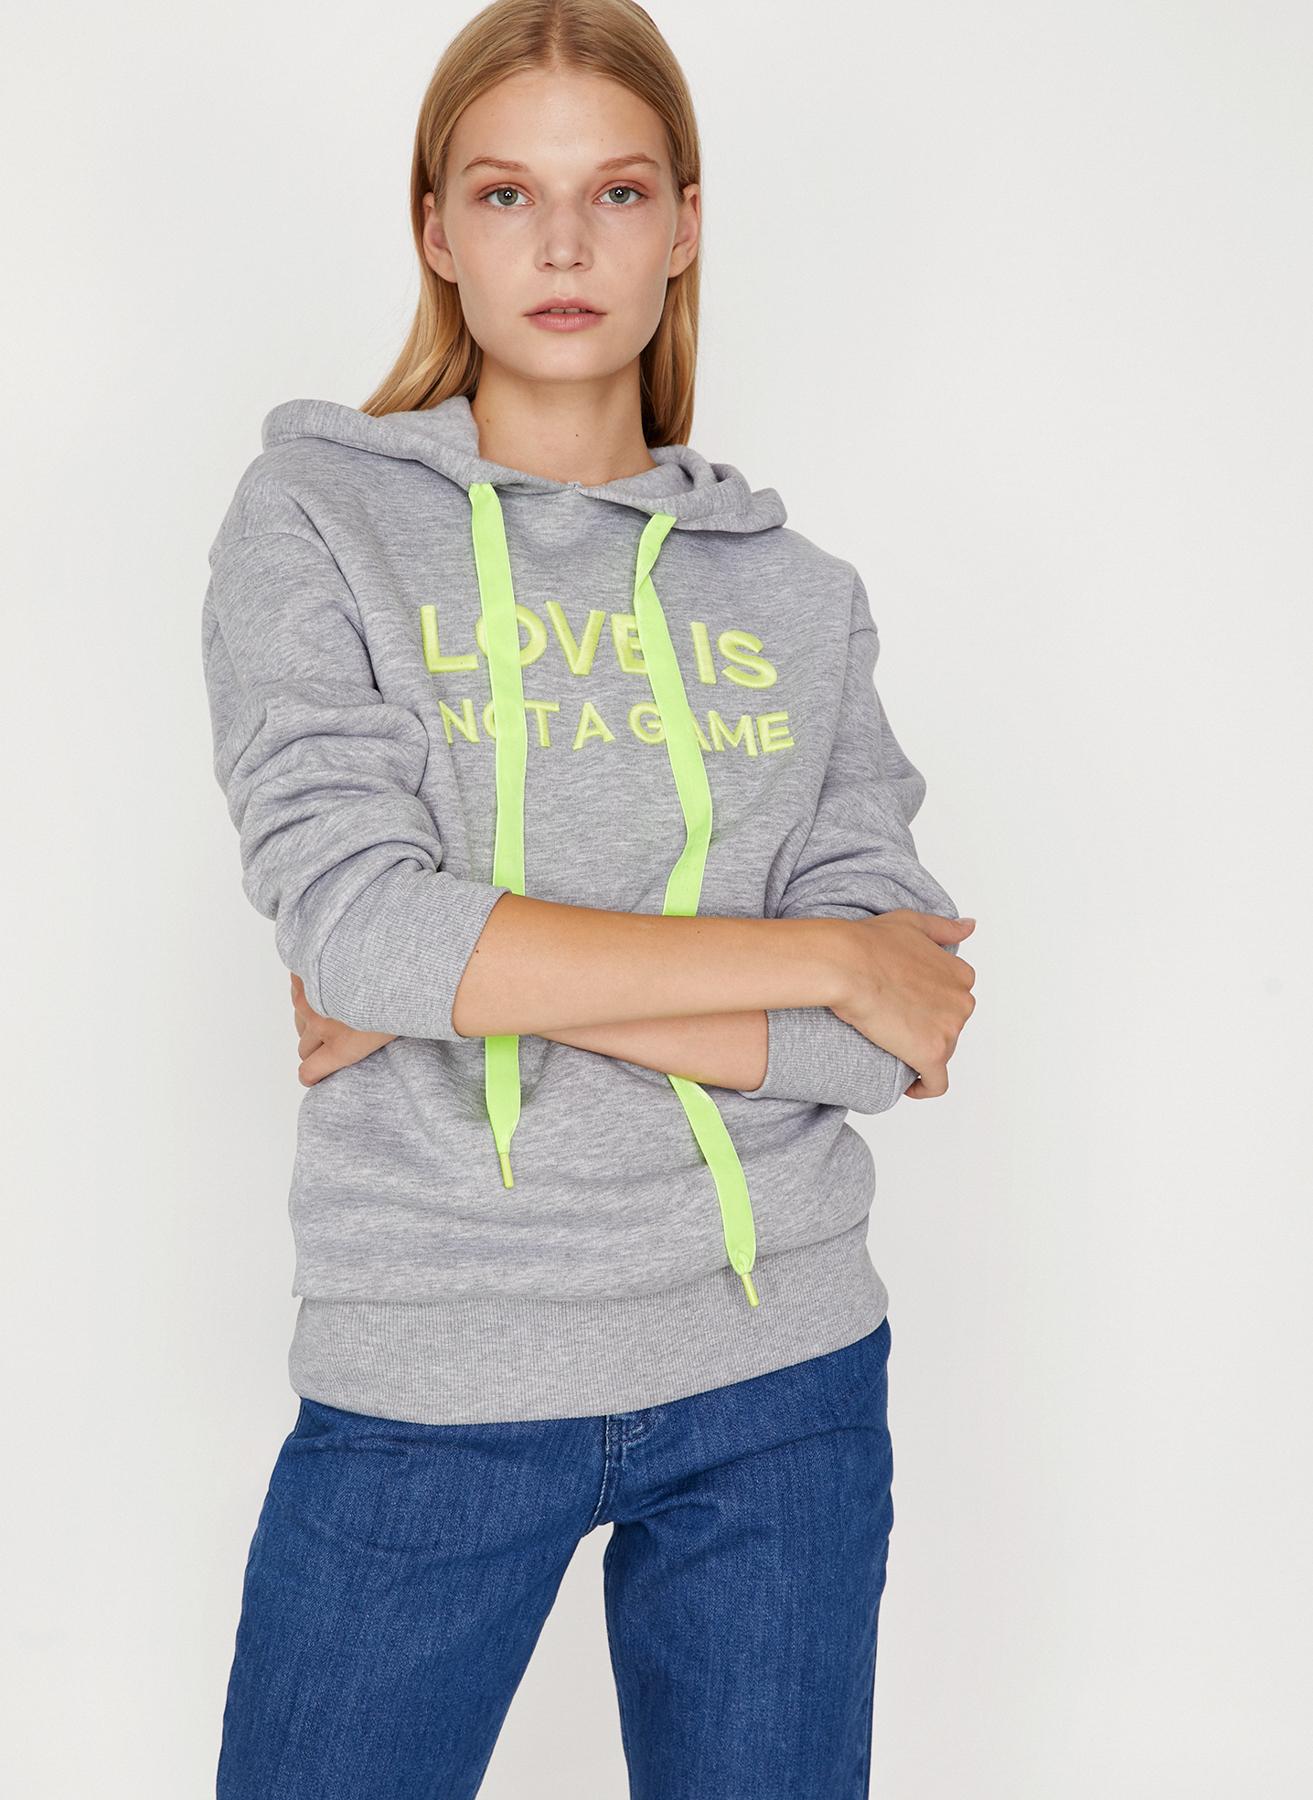 Koton Kapüşonlu Yazılı Gri Sweatshirt S 5002358342003 Ürün Resmi